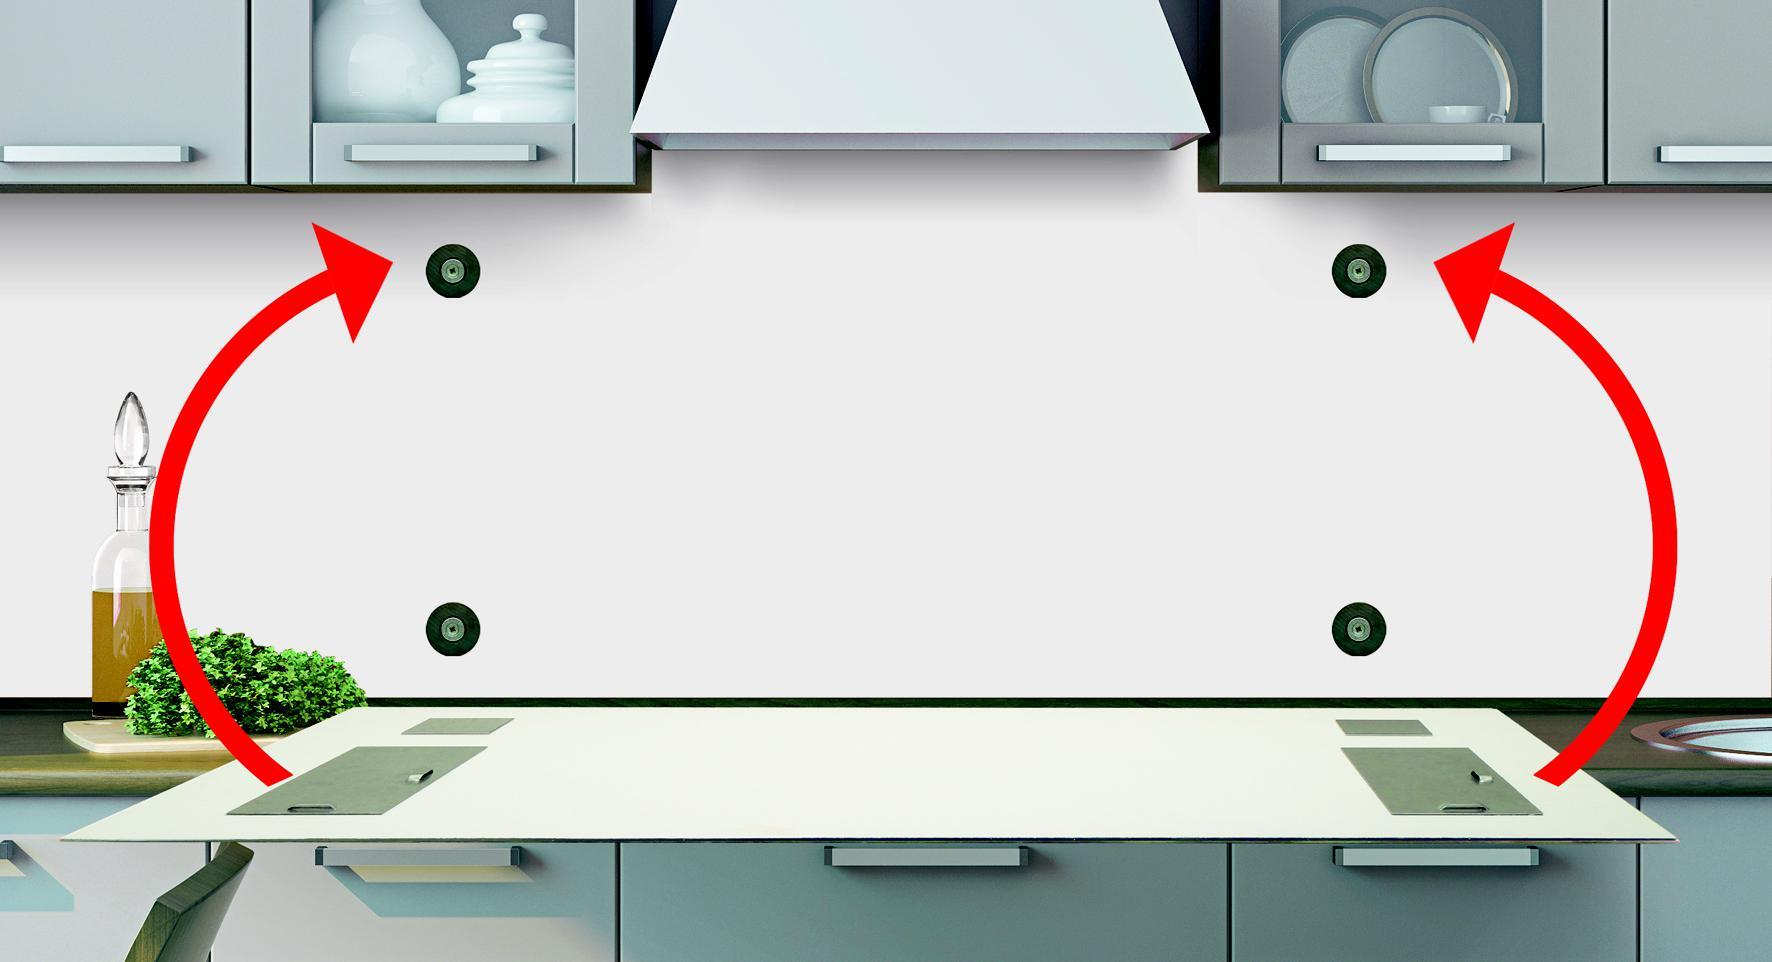 Küche Nischenrückwand war genial ideen für ihr haus design ideen